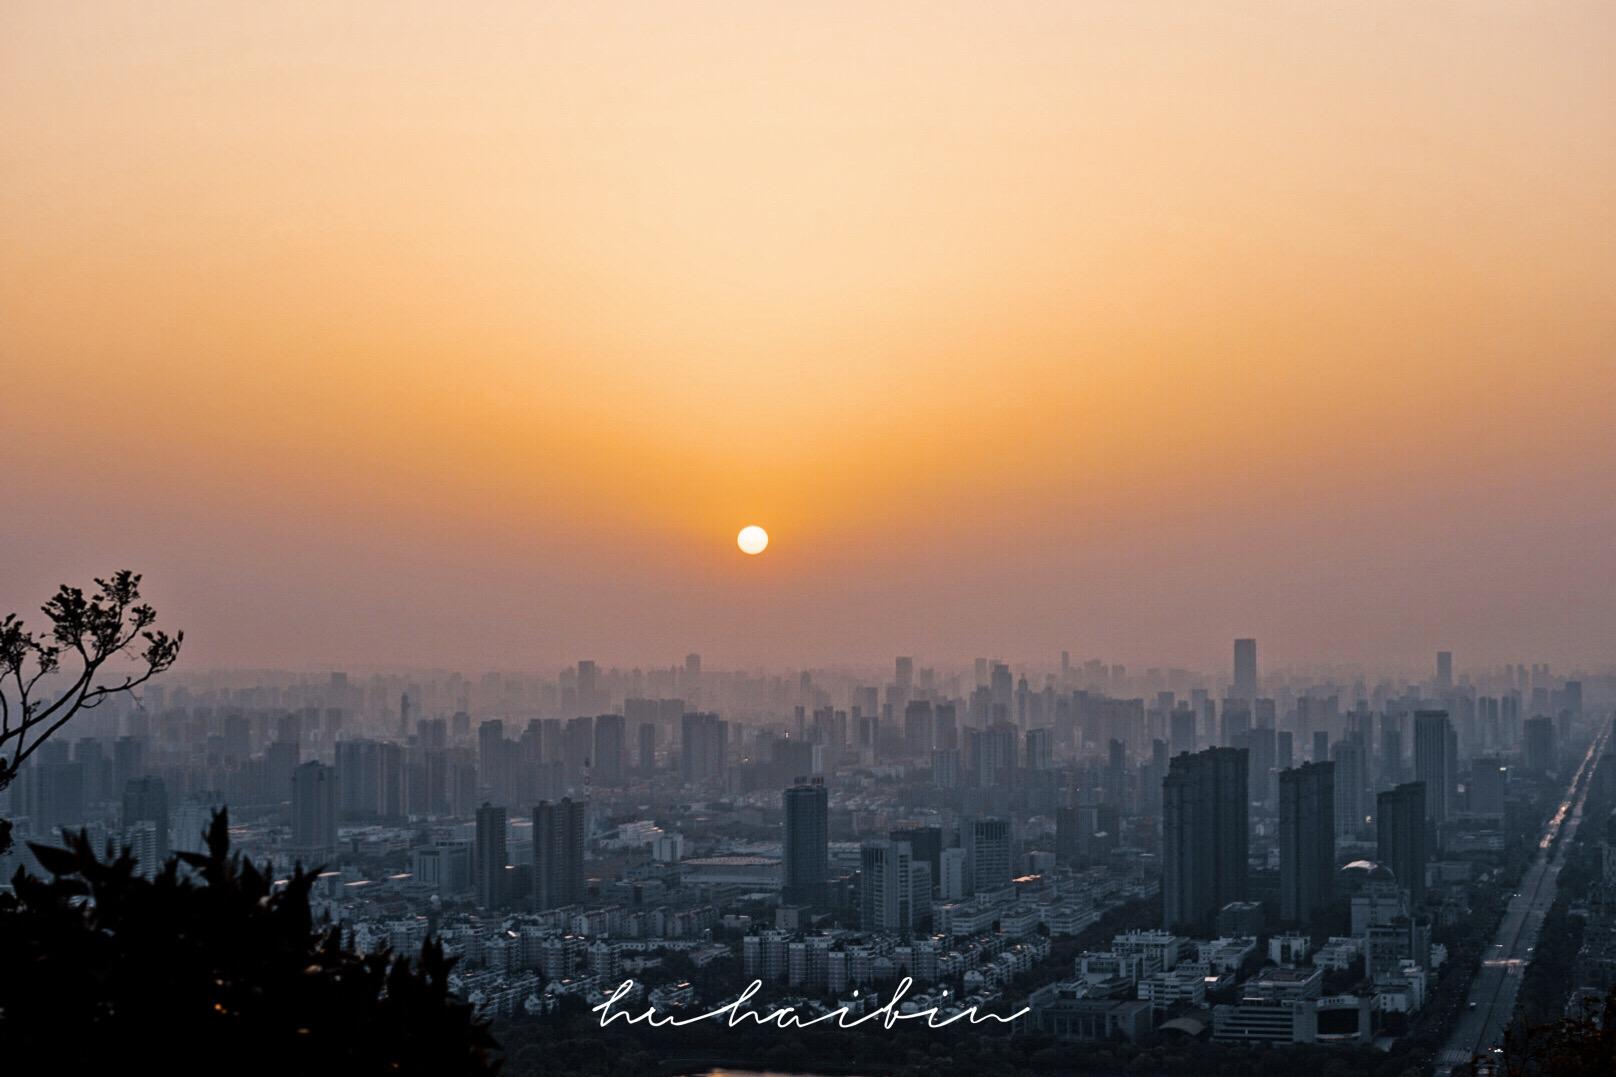 合肥观赏日出最佳地点推荐:大蜀山